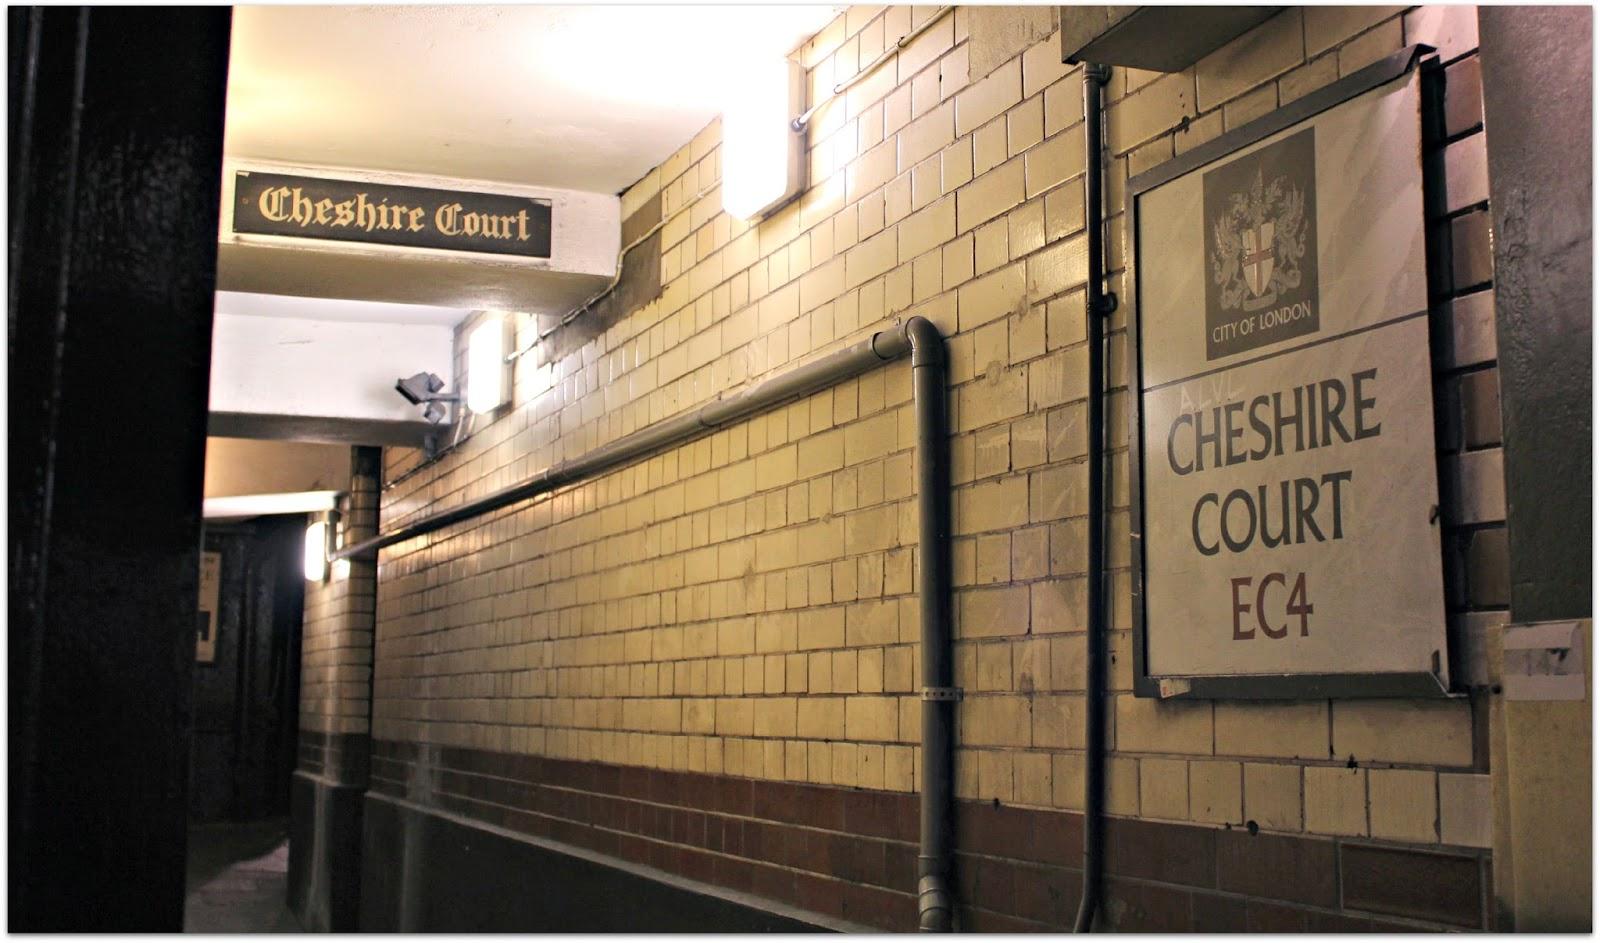 Cheshire Court